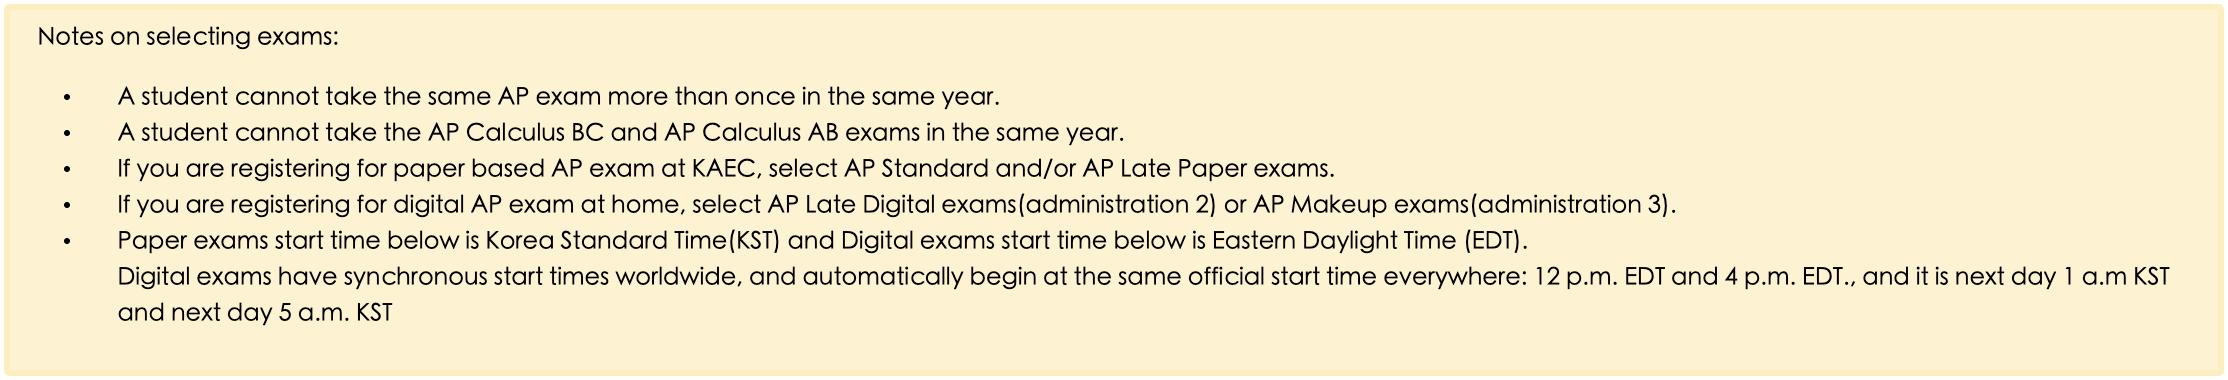 2021年韩国AP春季考试/A2/A3线上家考报名开放!-附2021年韩国/新加坡AP报名流程/付款方式/转考流程